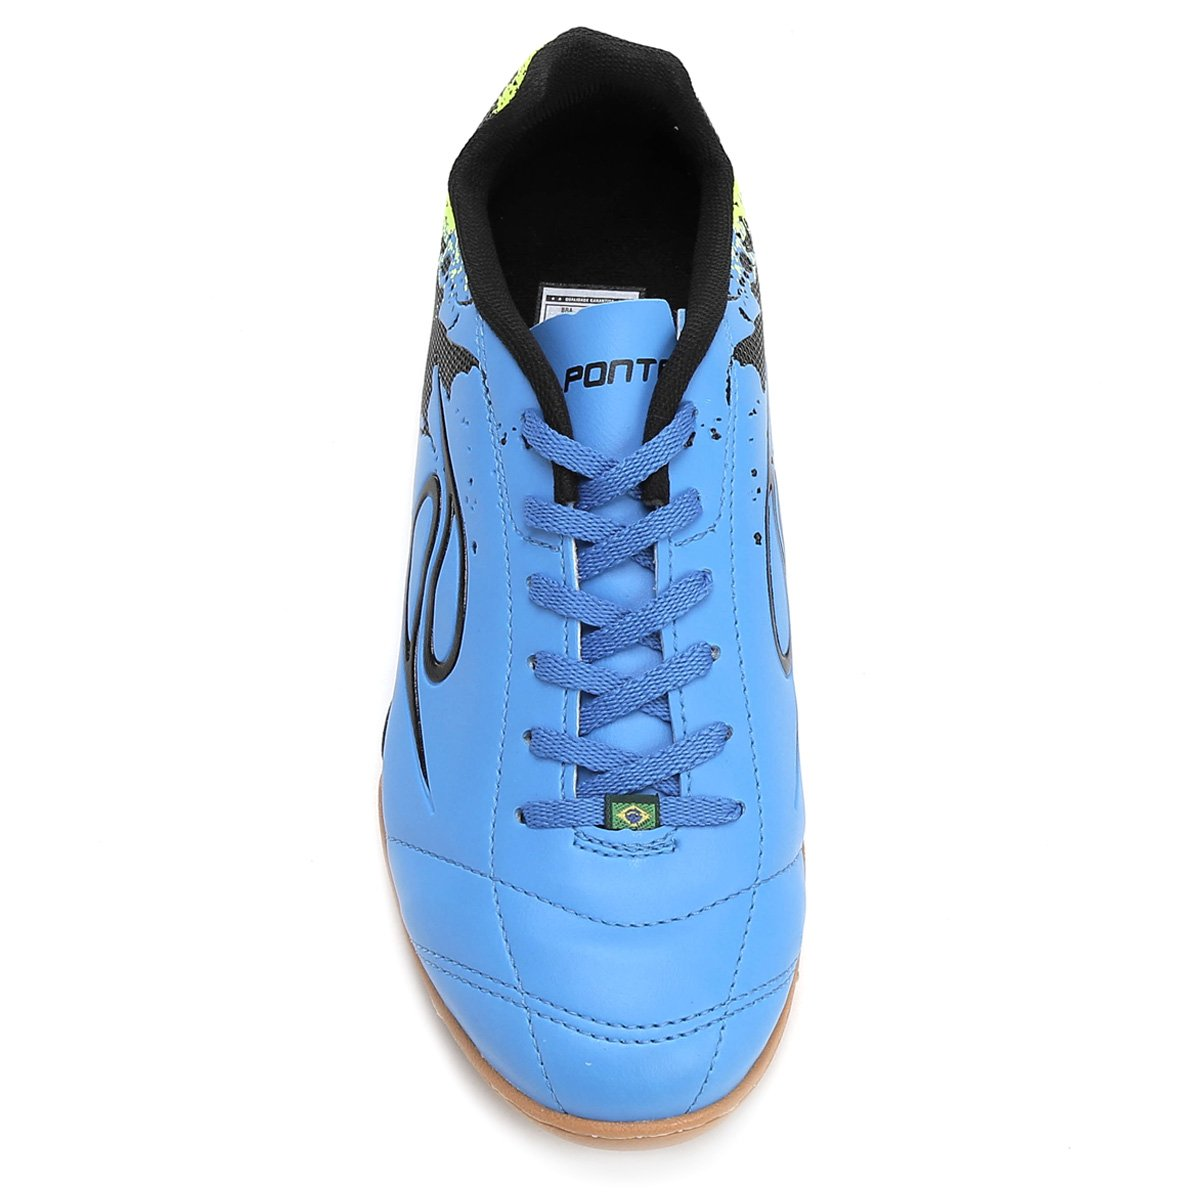 ... Chuteira Futsal Futsal Verde Dalponte Chuteira Contact Azul Masculina e  wBqr7ZawT bf09b55586af8